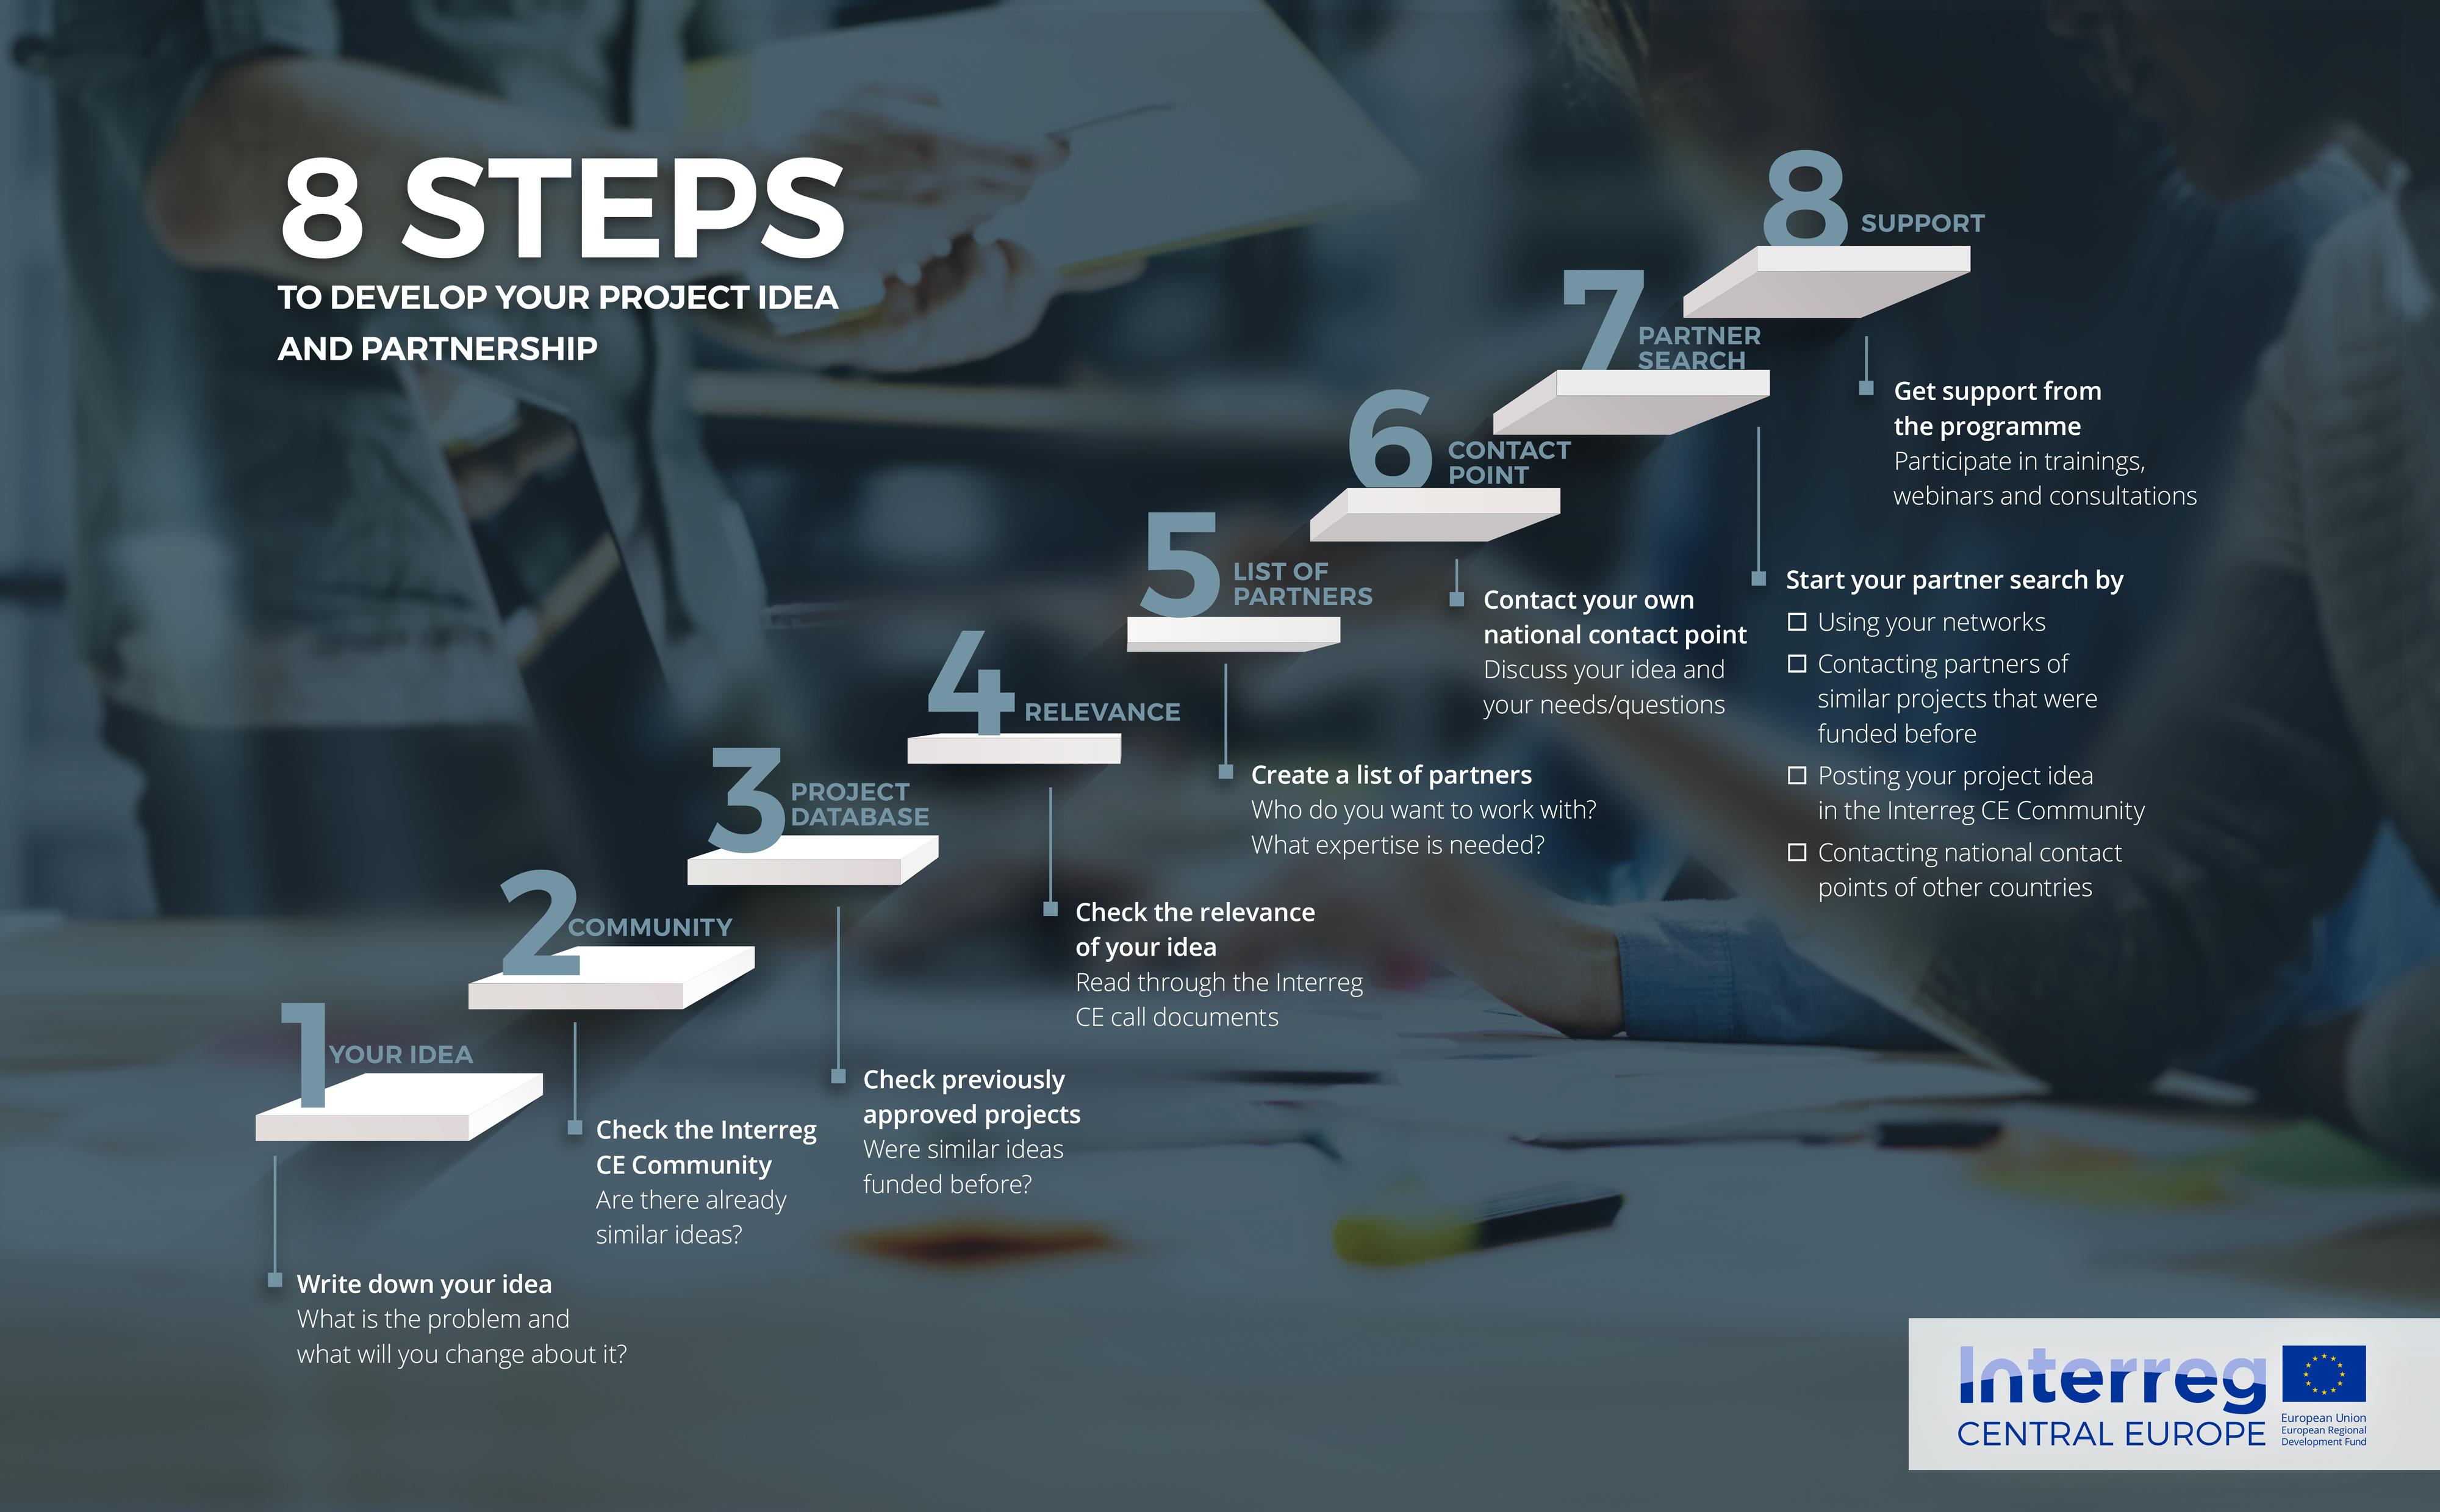 Trzeci nabór projektów w Interreg Europa Środkowa otwarty!